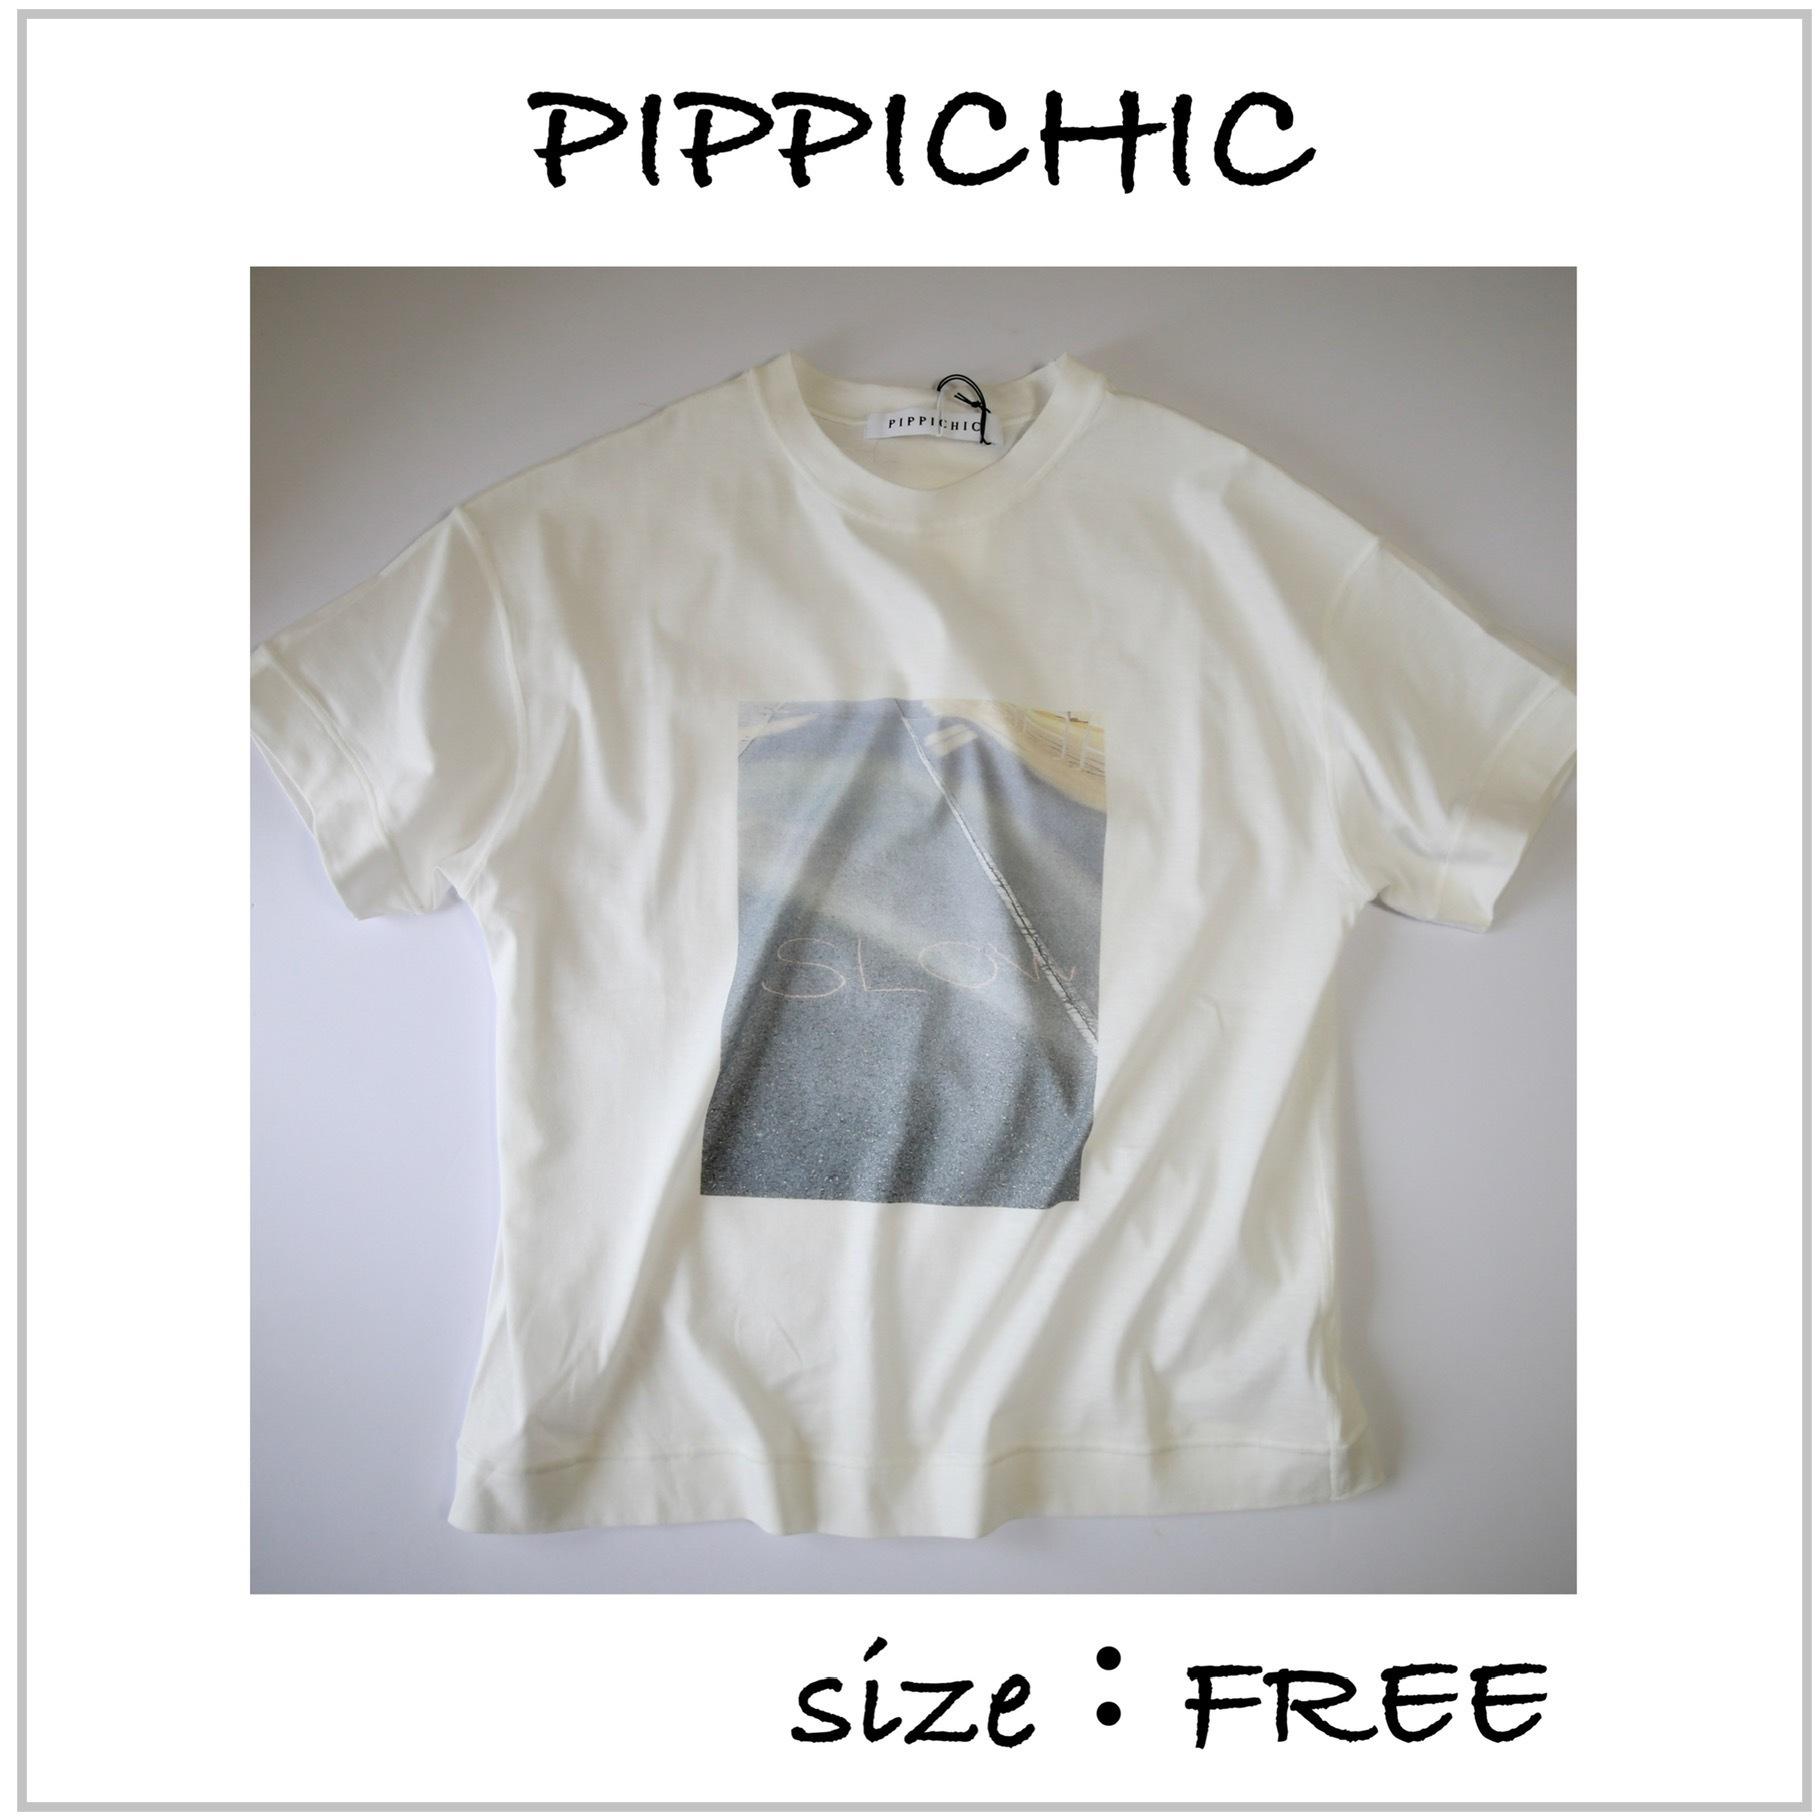 PIPICHIC フォトT